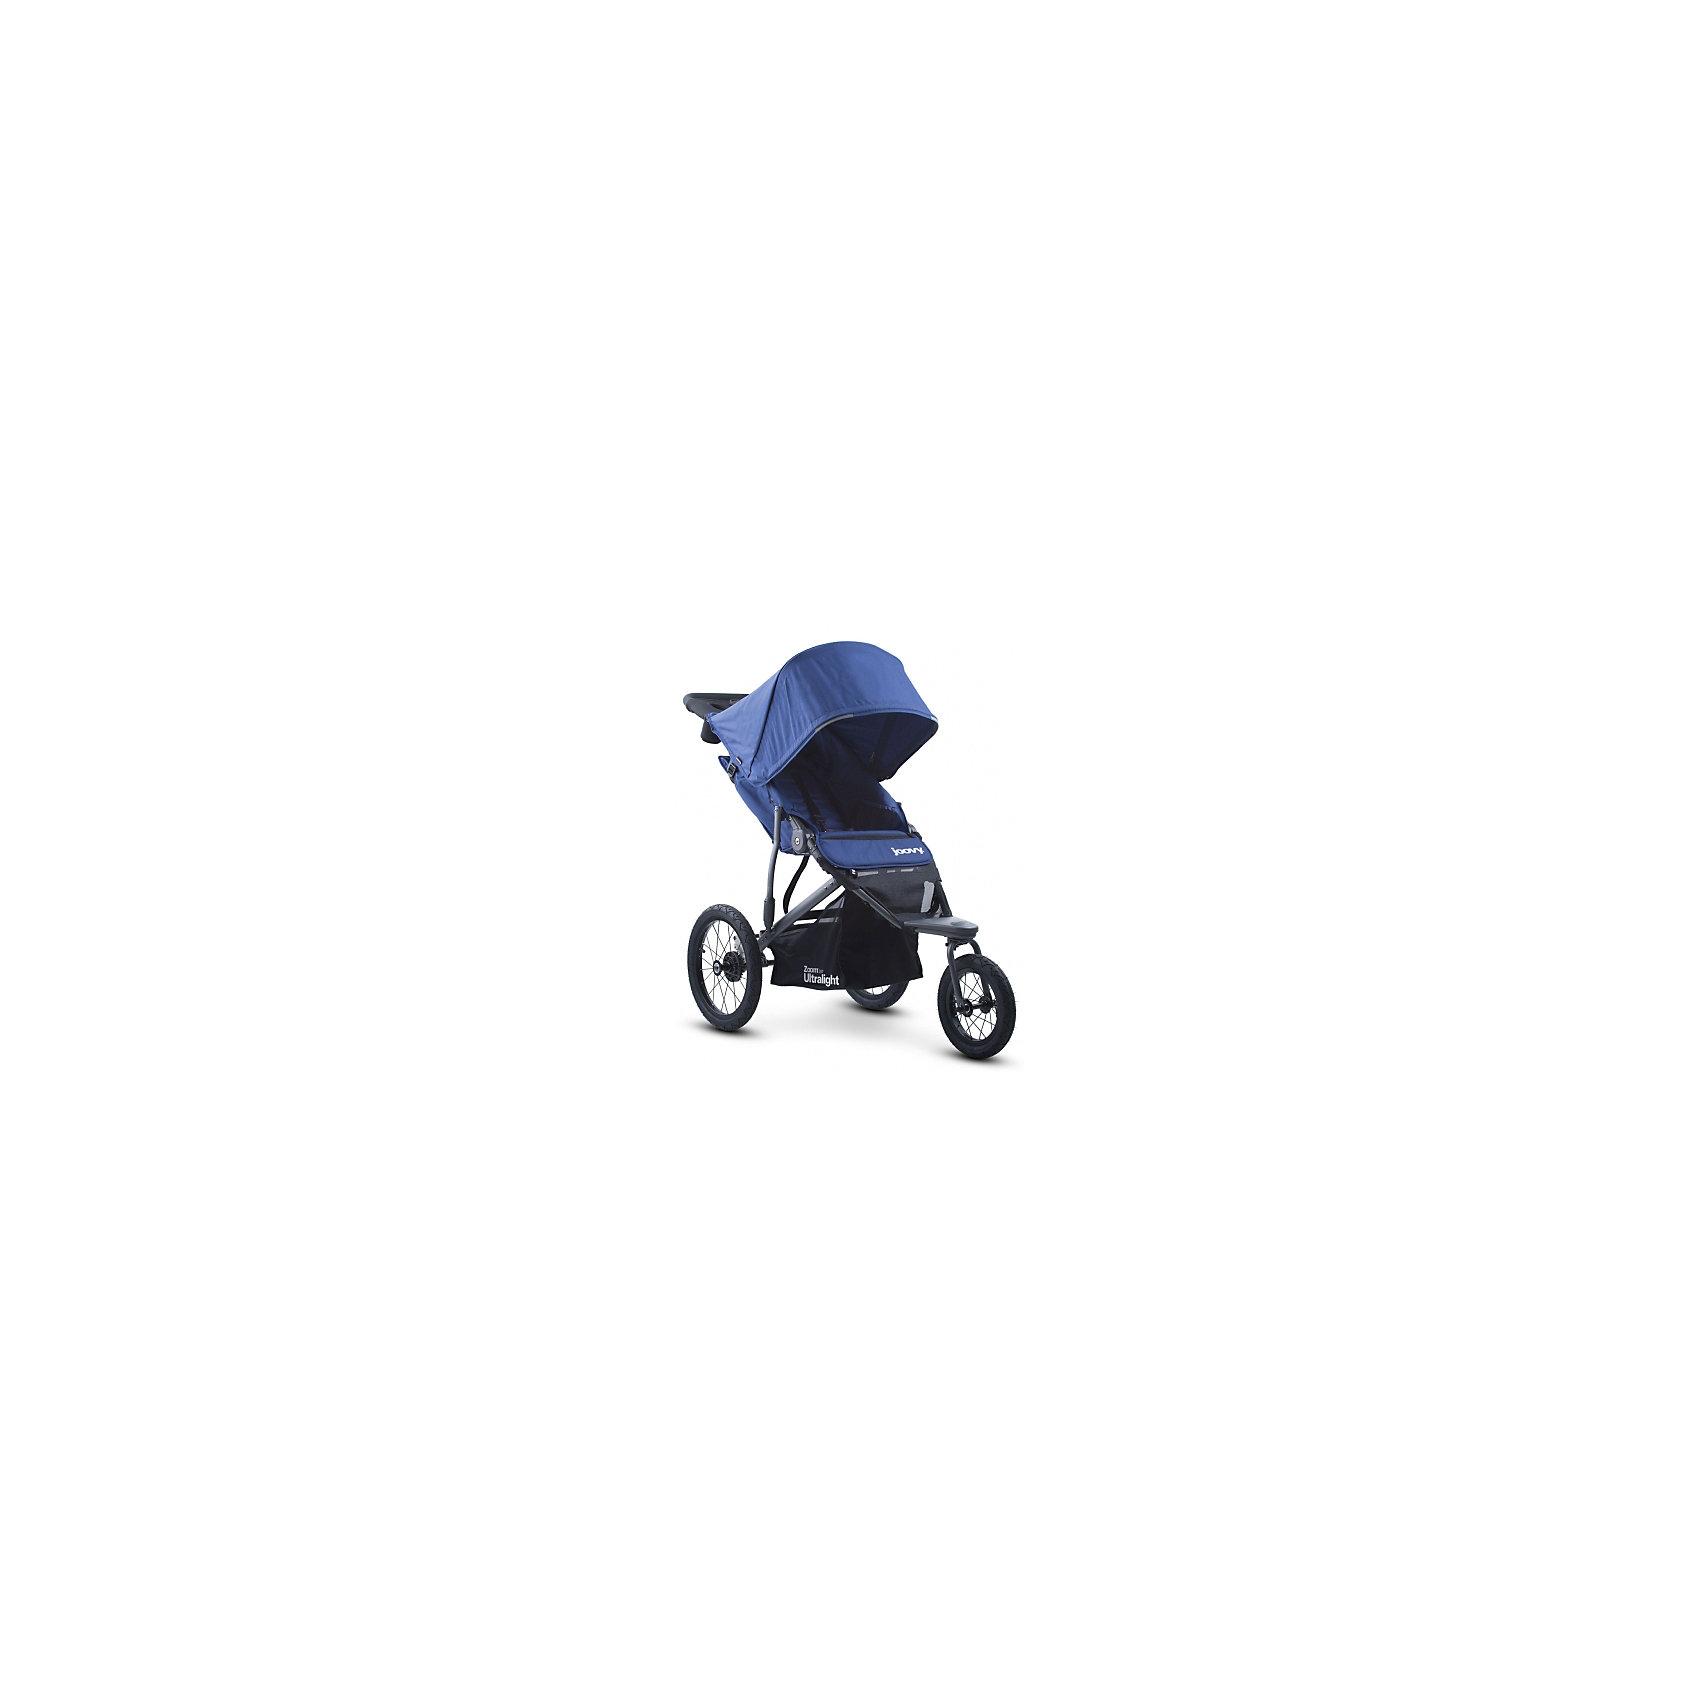 Прогулочная коляска Joovy Zoom 360 Ultralight, синийПрогулочные коляски<br>Характеристики товара:<br><br>• возраст от 3 месяцев;<br>• плавно регулируемая ременным механизмом спинка до положения в 160 градусов;<br>• большой капюшон для защиты от непогоды и солнечных лучей;<br>• смотровое окошко на капюшоне;<br>• практичный столик-органайзер с подстаканником и отделением на молнии для ключей или телефона;<br>• сетчатый кармашек с внутренней стороны сидения;<br>• 5-ти точечные ремни безопасности;<br>• светоотражающие элементы для видимости в темное время суток;<br>• материал: полиэстер с водоотталкивающей пропиткой и защитой от УФ-лучей.<br><br>Прогулочная коляска Joovy Zoom 360 Ultralight синяя — отличный вариант для родителей, ведущих активный образ жизни. С ней можно отправиться не только на прогулку в парк, но и на природу, в путешествие, в поход и даже заниматься бегом. Коляска отличается проходимостью и хорошей маневренностью. Просторное сидение обеспечит малышу комфортную прогулку. Капюшон надежно защитит от дождя и палящего солнца. Для родителей предусмотрен удобный аксессуар на ручке — столик с 2 подстаканниками и небольшим отсеком на молнии для мелочей. Ручка родителей обтянута противоскользящим материалом. Хорошая проходимость достигается благодаря большим задним надувным колесам.<br><br>Шасси коляски:<br><br>• прочная рама из авиационного алюминия;<br>• тип складывания: книжка;<br>• диаметр переднего колеса 30 см, задних колес 40 см;<br>• тип колес: надувные;<br>• переднее поворотное колесо с возможностью блокировки;<br>• ширина колесной базы 63,5 см;<br>• стояночный тормоз;<br>• пружинные амортизаторы;<br>• вместительная корзина для покупок.<br><br>Размер коляски в разложенном виде 137х117х63,5 см<br>Размер коляски в сложенном виде 86х63,5х48 см<br>Вес коляски 11,5 кг<br>Размер упаковки 86х63,5х48 см<br>Вес упаковки 11,5 кг<br><br>Комплектация:<br><br>• прогулочный блок;<br>• органайзер;<br>• насос;<br>• инструкция.<br><br>Прогулочную коляску Joovy Zoom 36